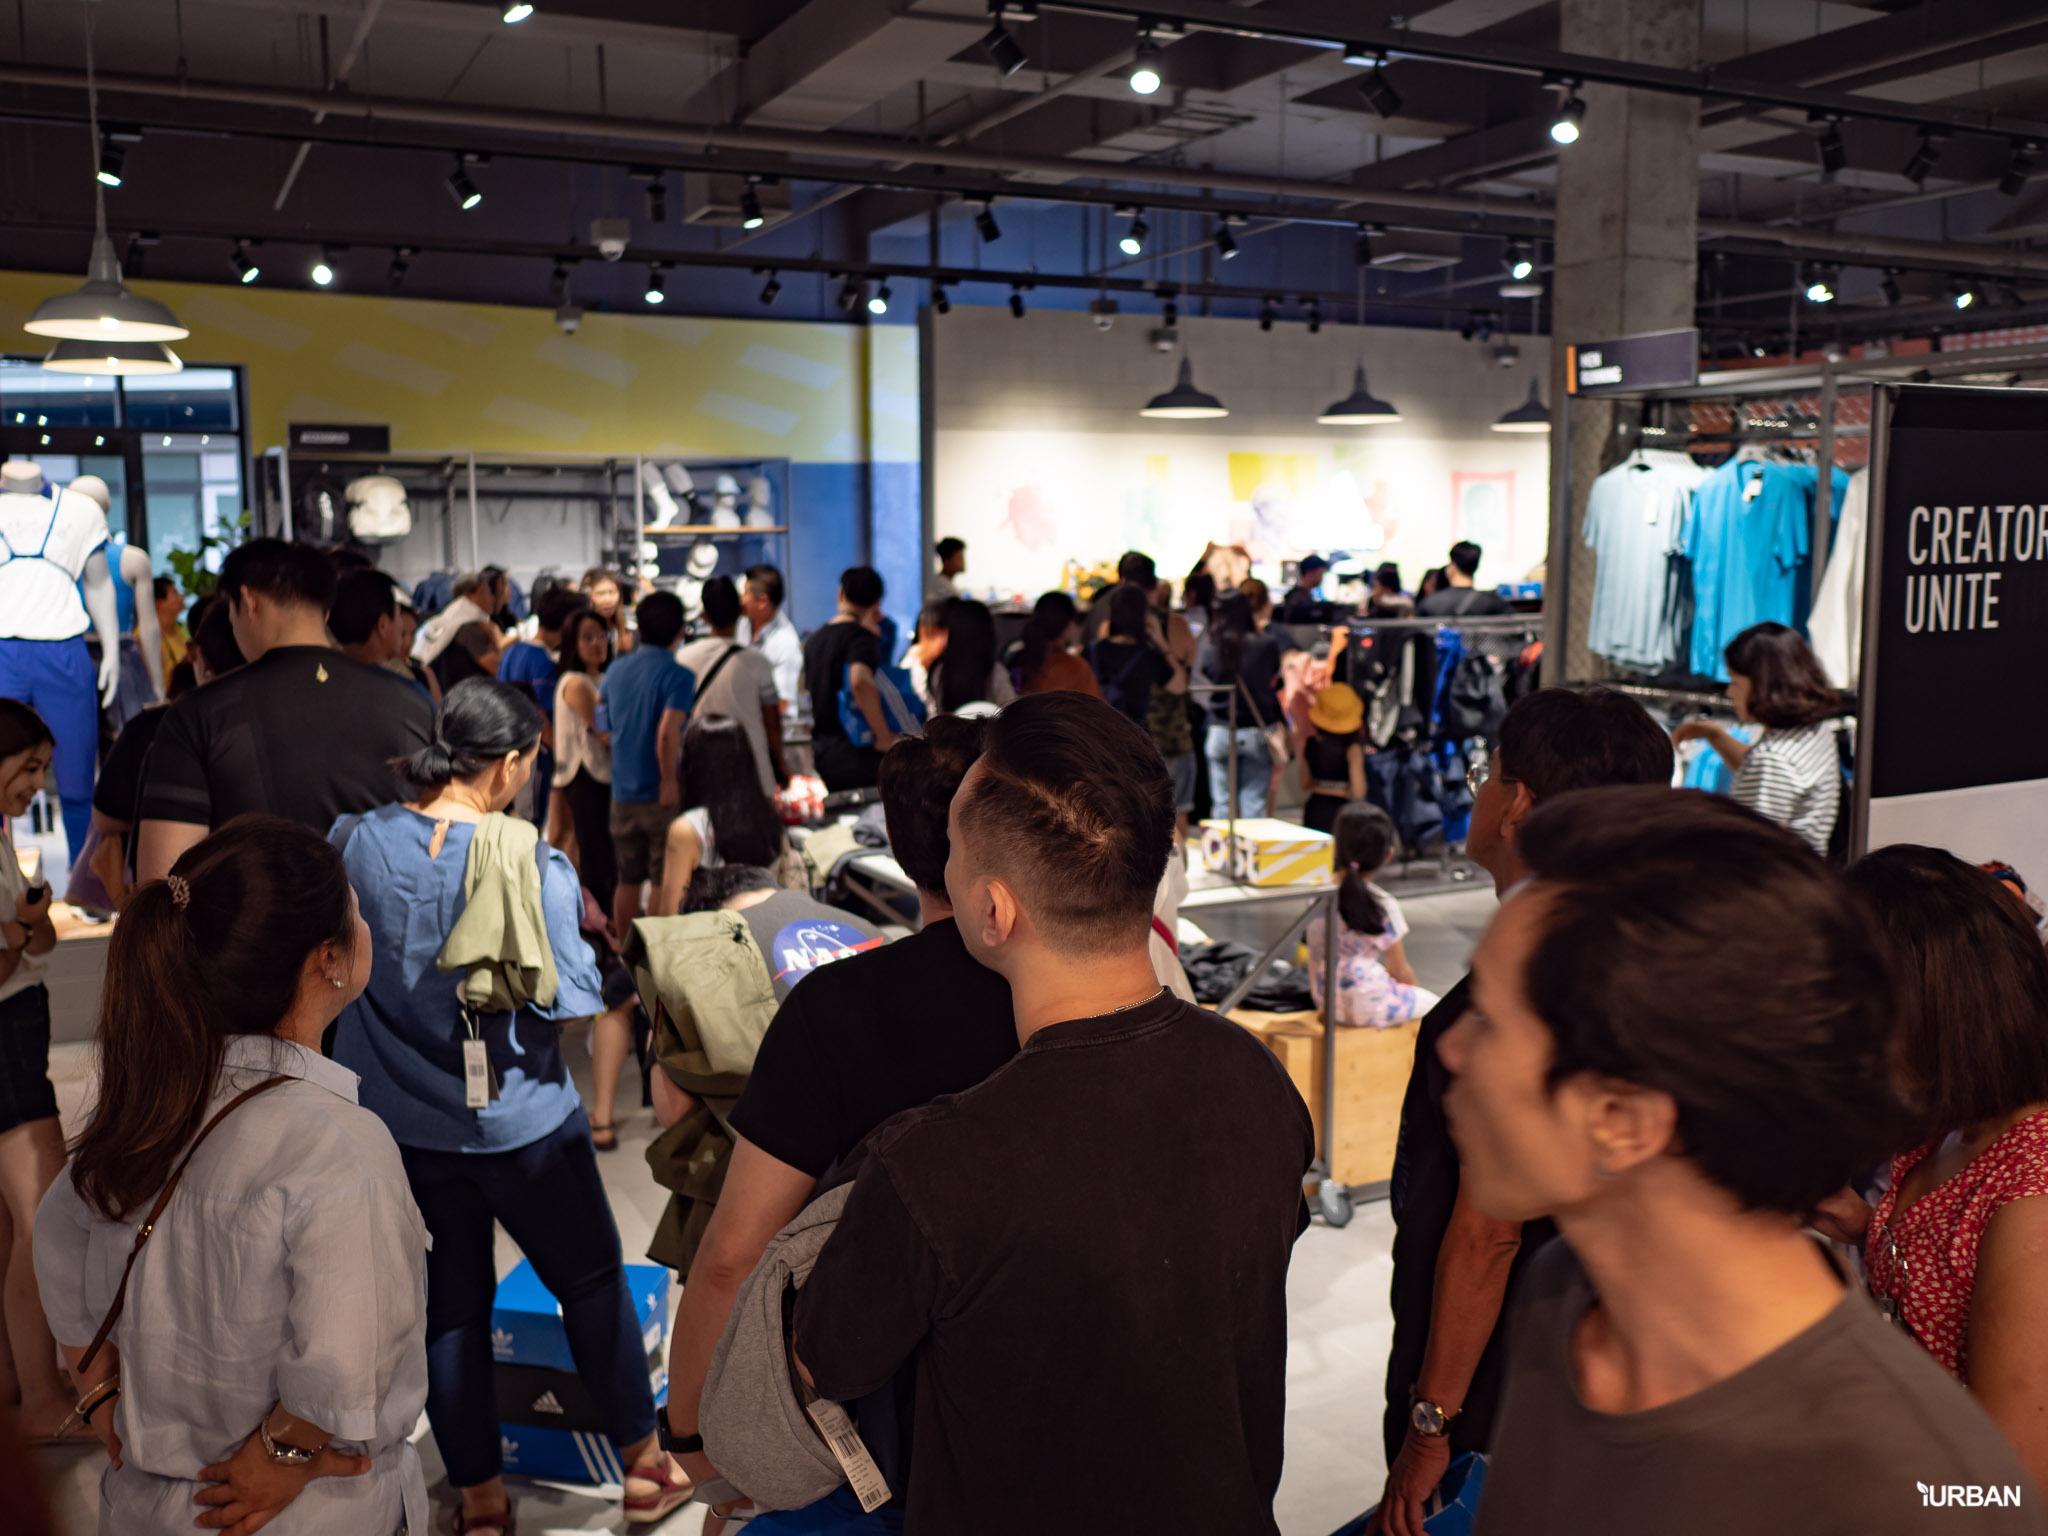 14 เรื่องของ Central Village โปรเจคใหม่ Luxury Outlet แห่งแรกของไทยที่คุณควรรู้ #พร้อมภาพวันเปิดตัว 49 - Central